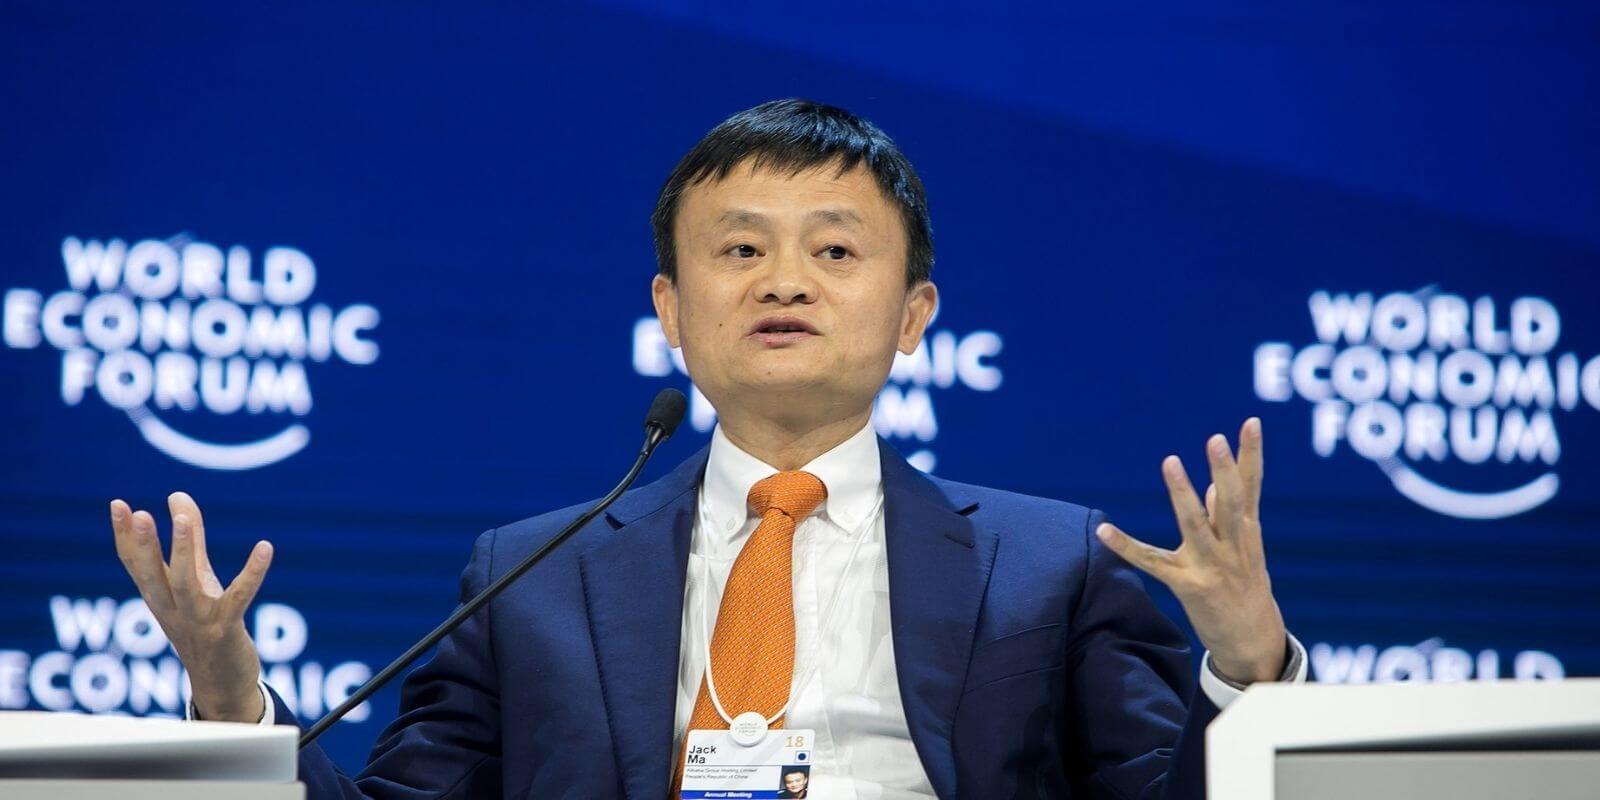 Jack Ma en est certain, les monnaies numériques sont l'avenir